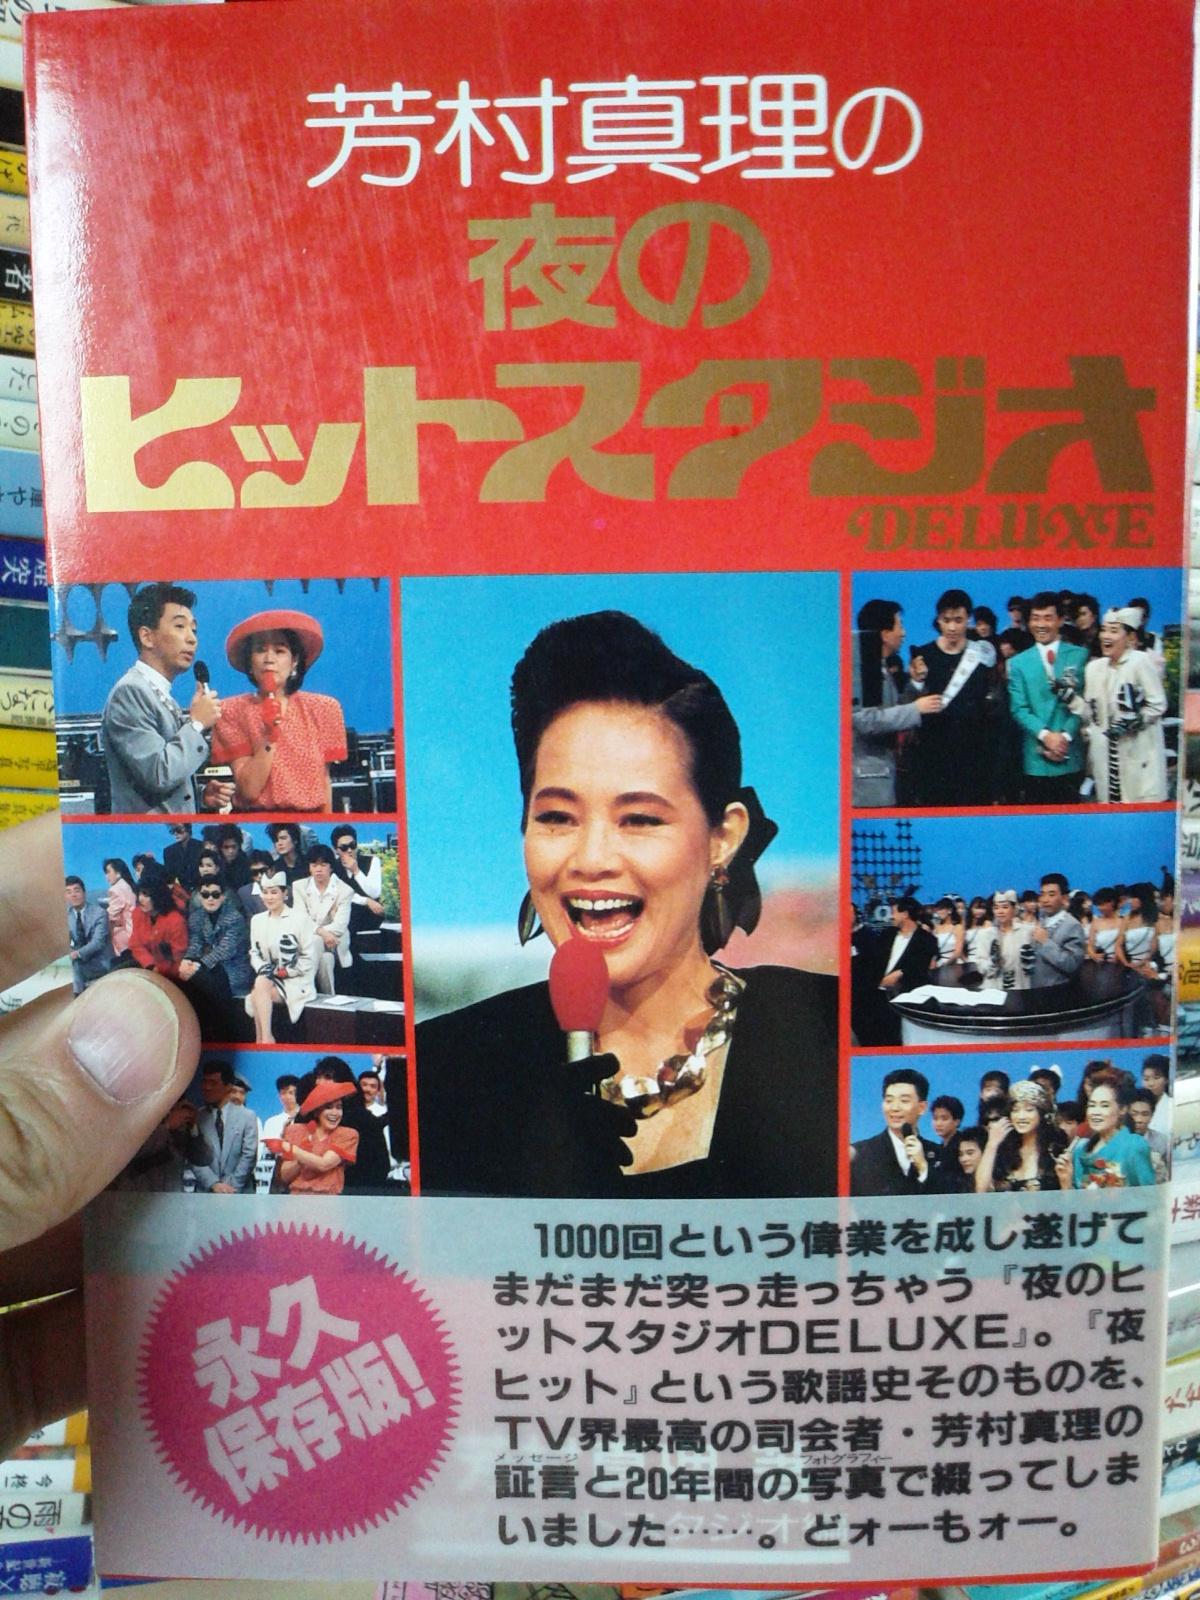 芳村真理の夜のヒットスタジオDELUXE/芳村真理 - ドジブックス